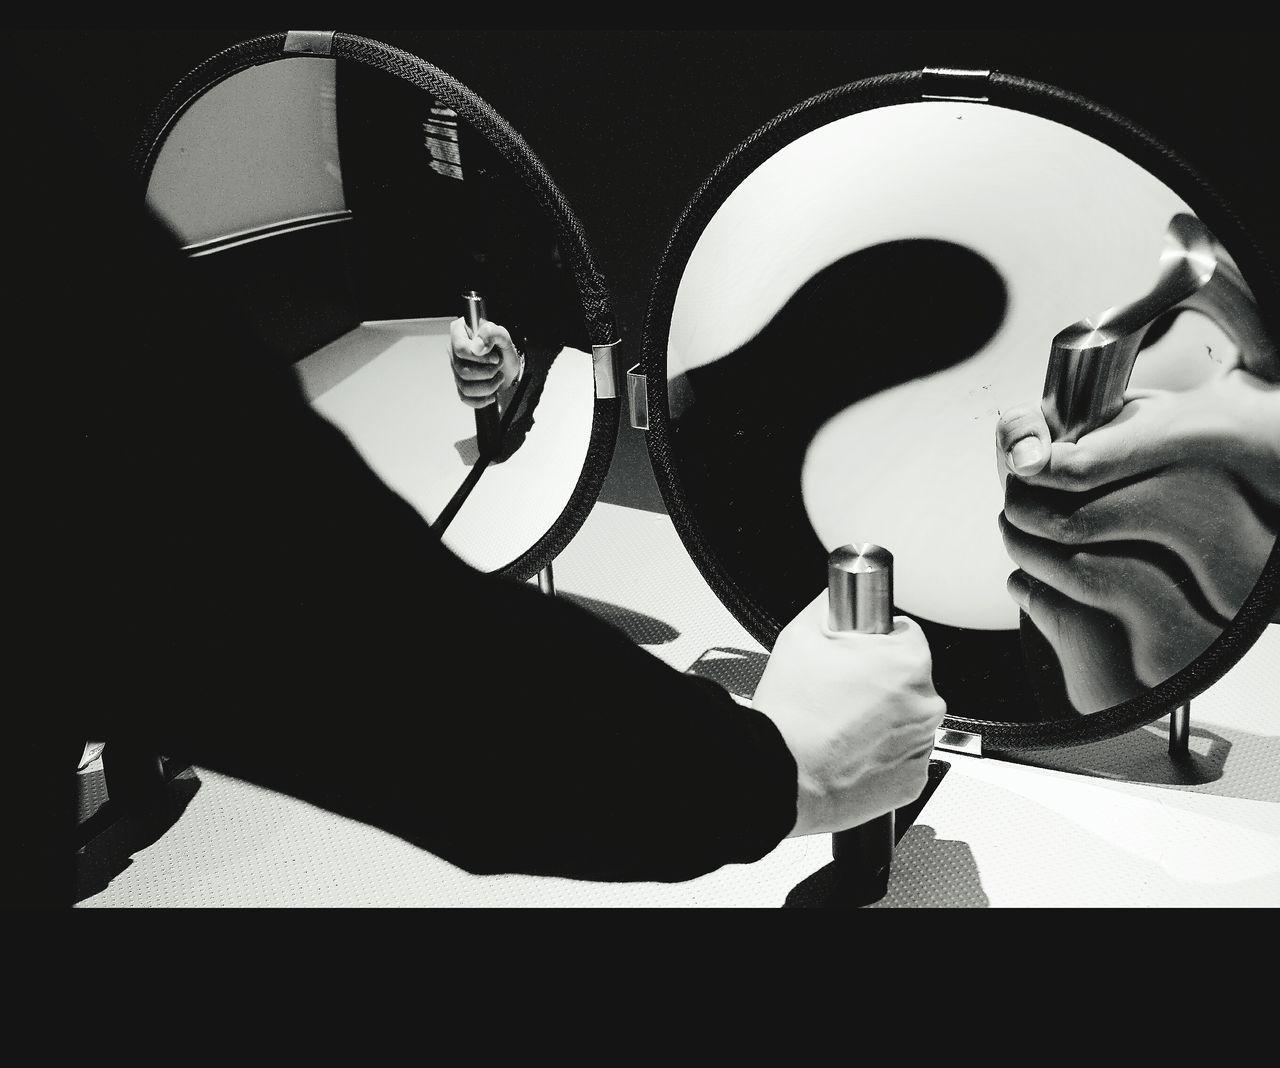 Gadgets EyeEm Best Shots - Black + White Blanco & Negro  Siluetas Blanco Y Negro Monochrome Black & White La Falsa Envoltura De Las Apariencias